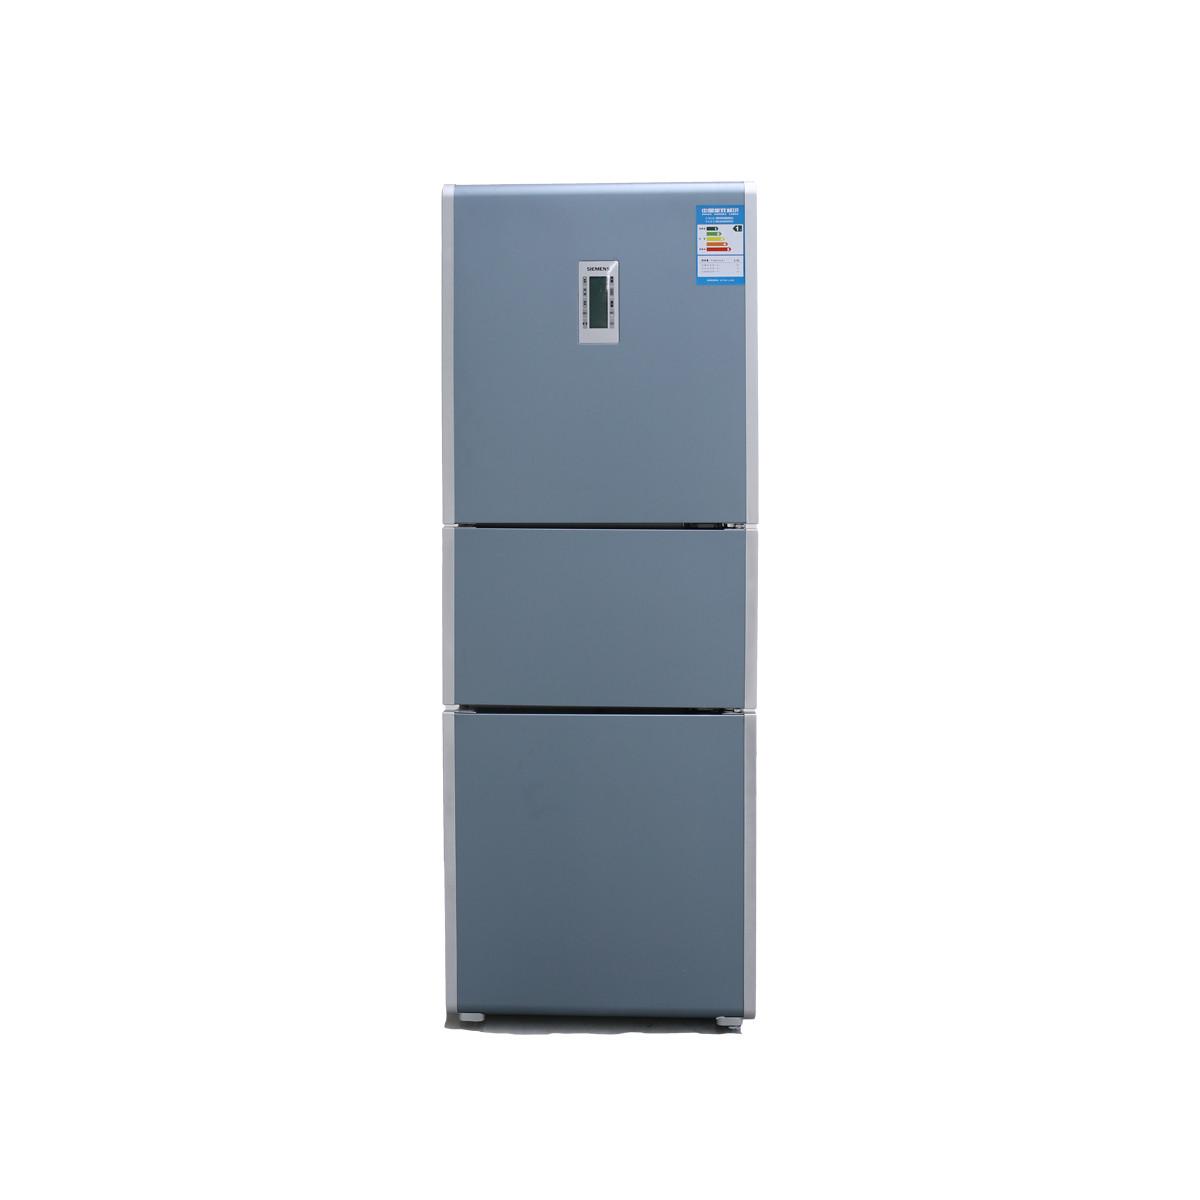 西门子双开门三门定频一级冰箱